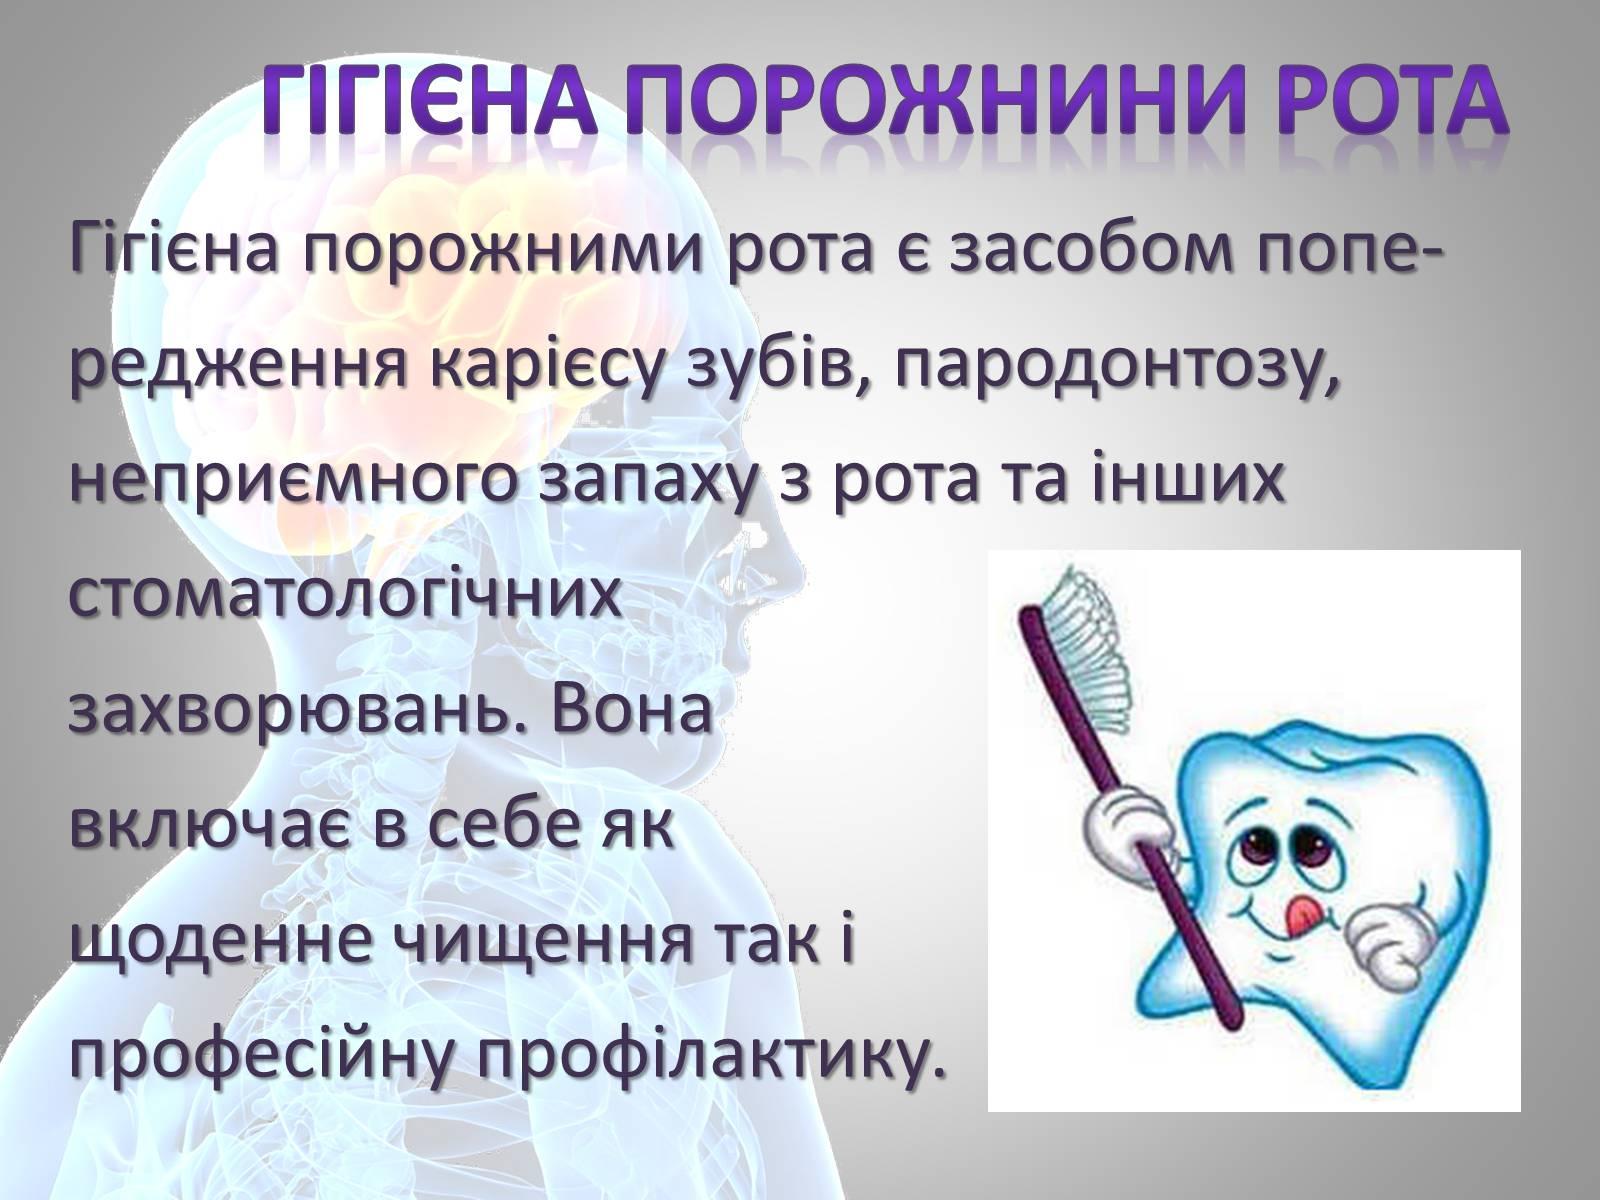 Презентація на тему «Зуби» (варіант 1) - Слайд  8. Гігієна порожними рота  ... 49fda170d938b